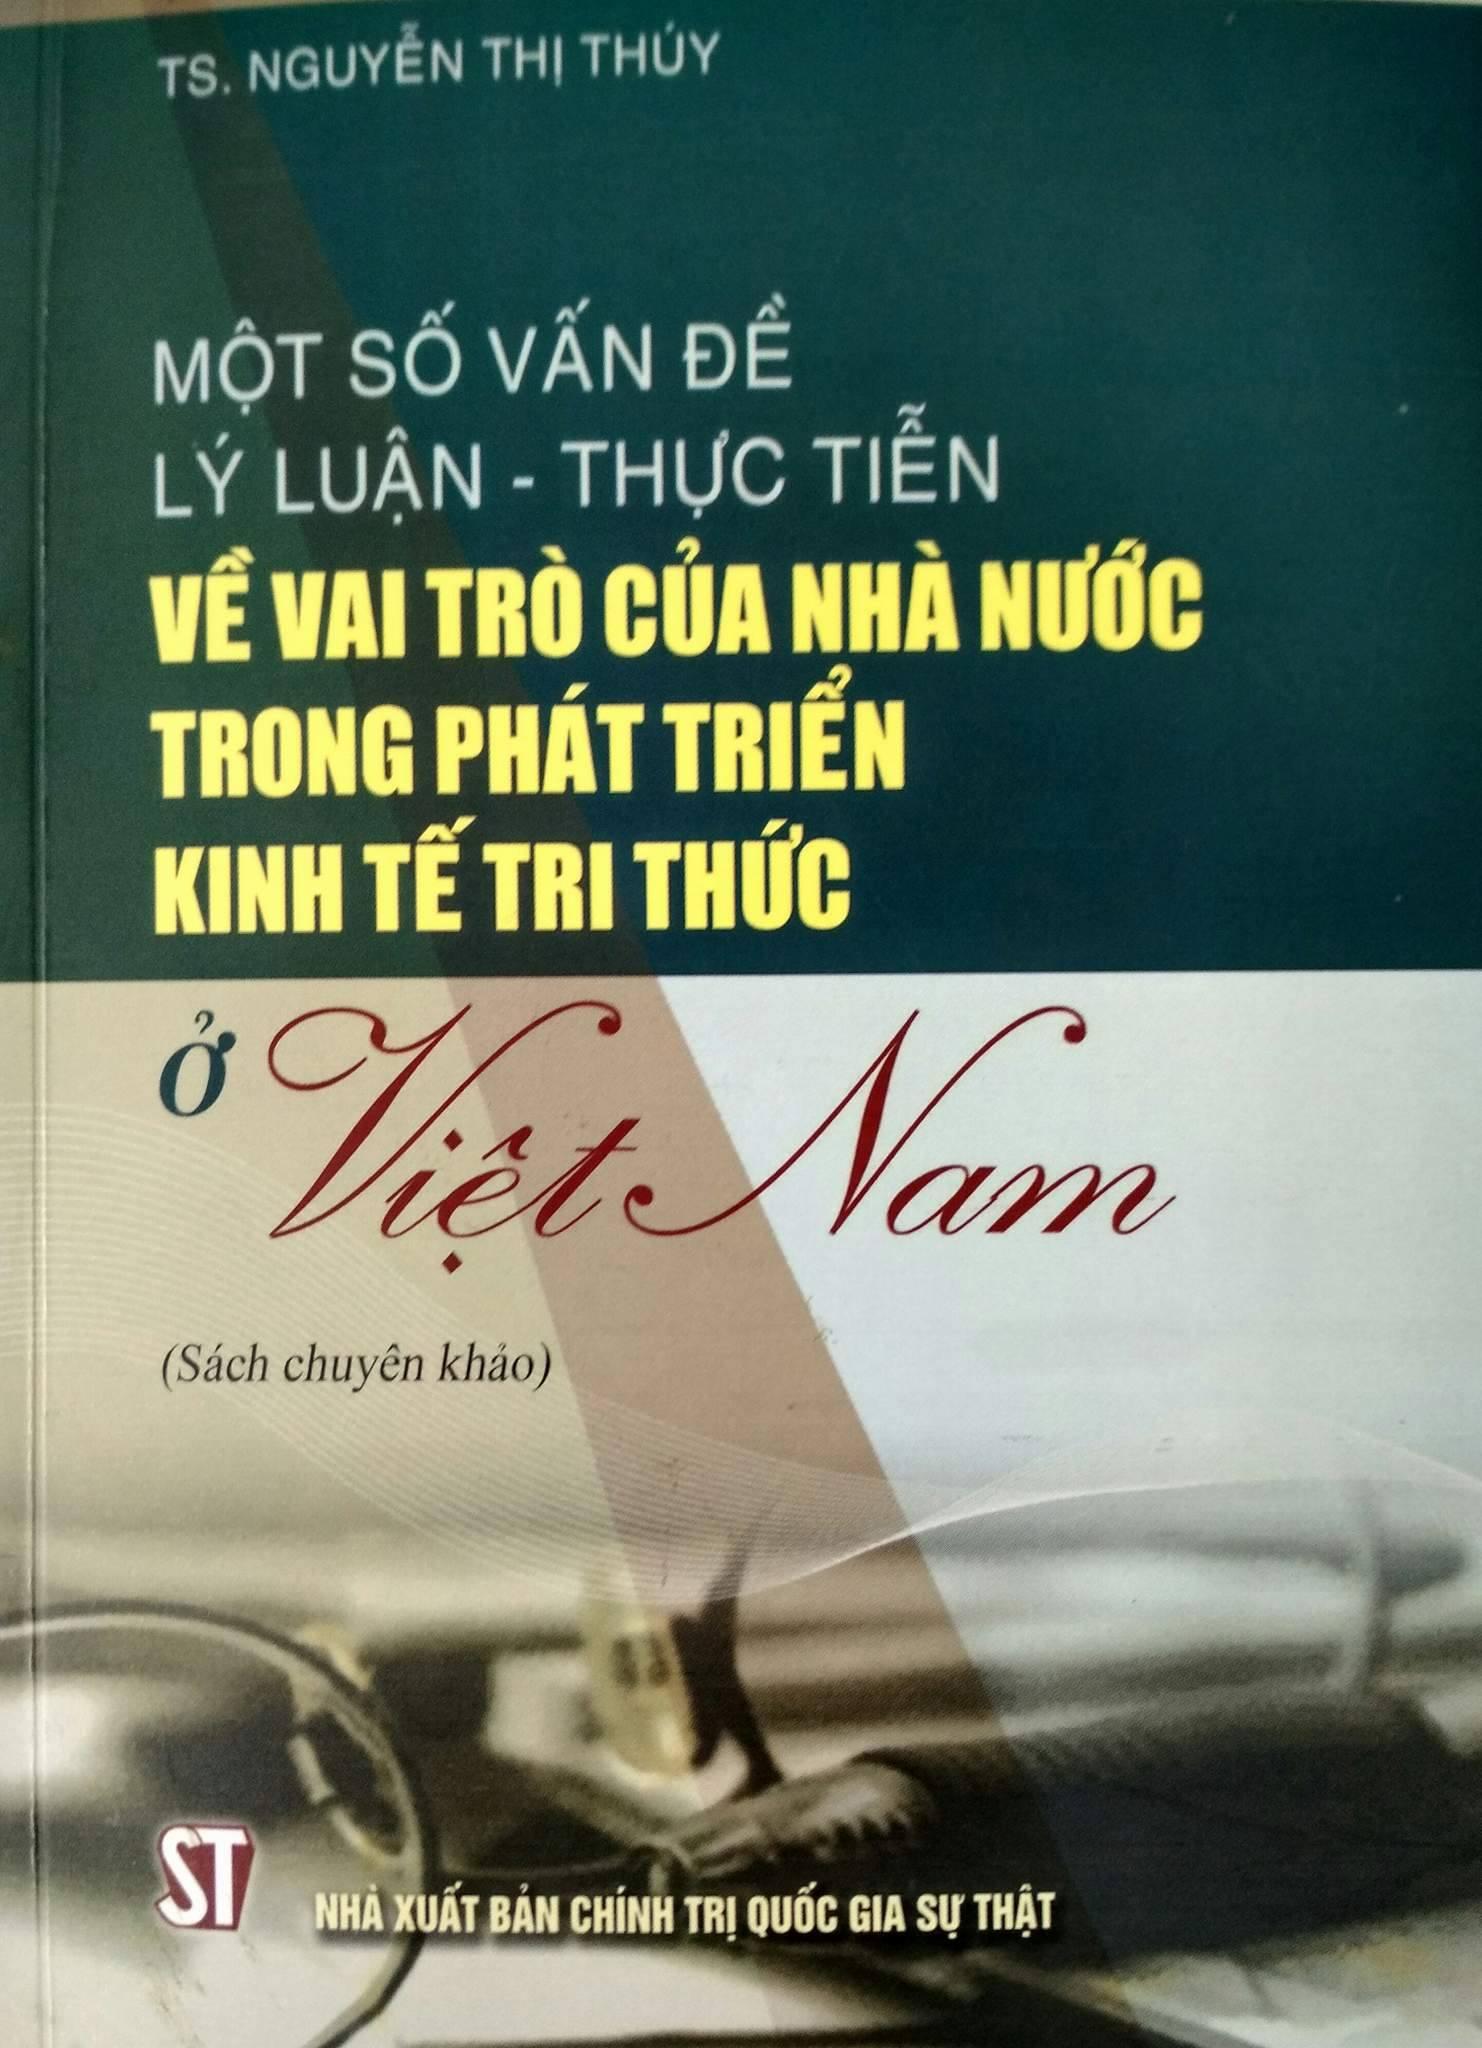 Một số vấn đề lý luận – thực tiễn về vai trò của Nhà nước trong phát triển kinh tế tri thức ở Việt Nam